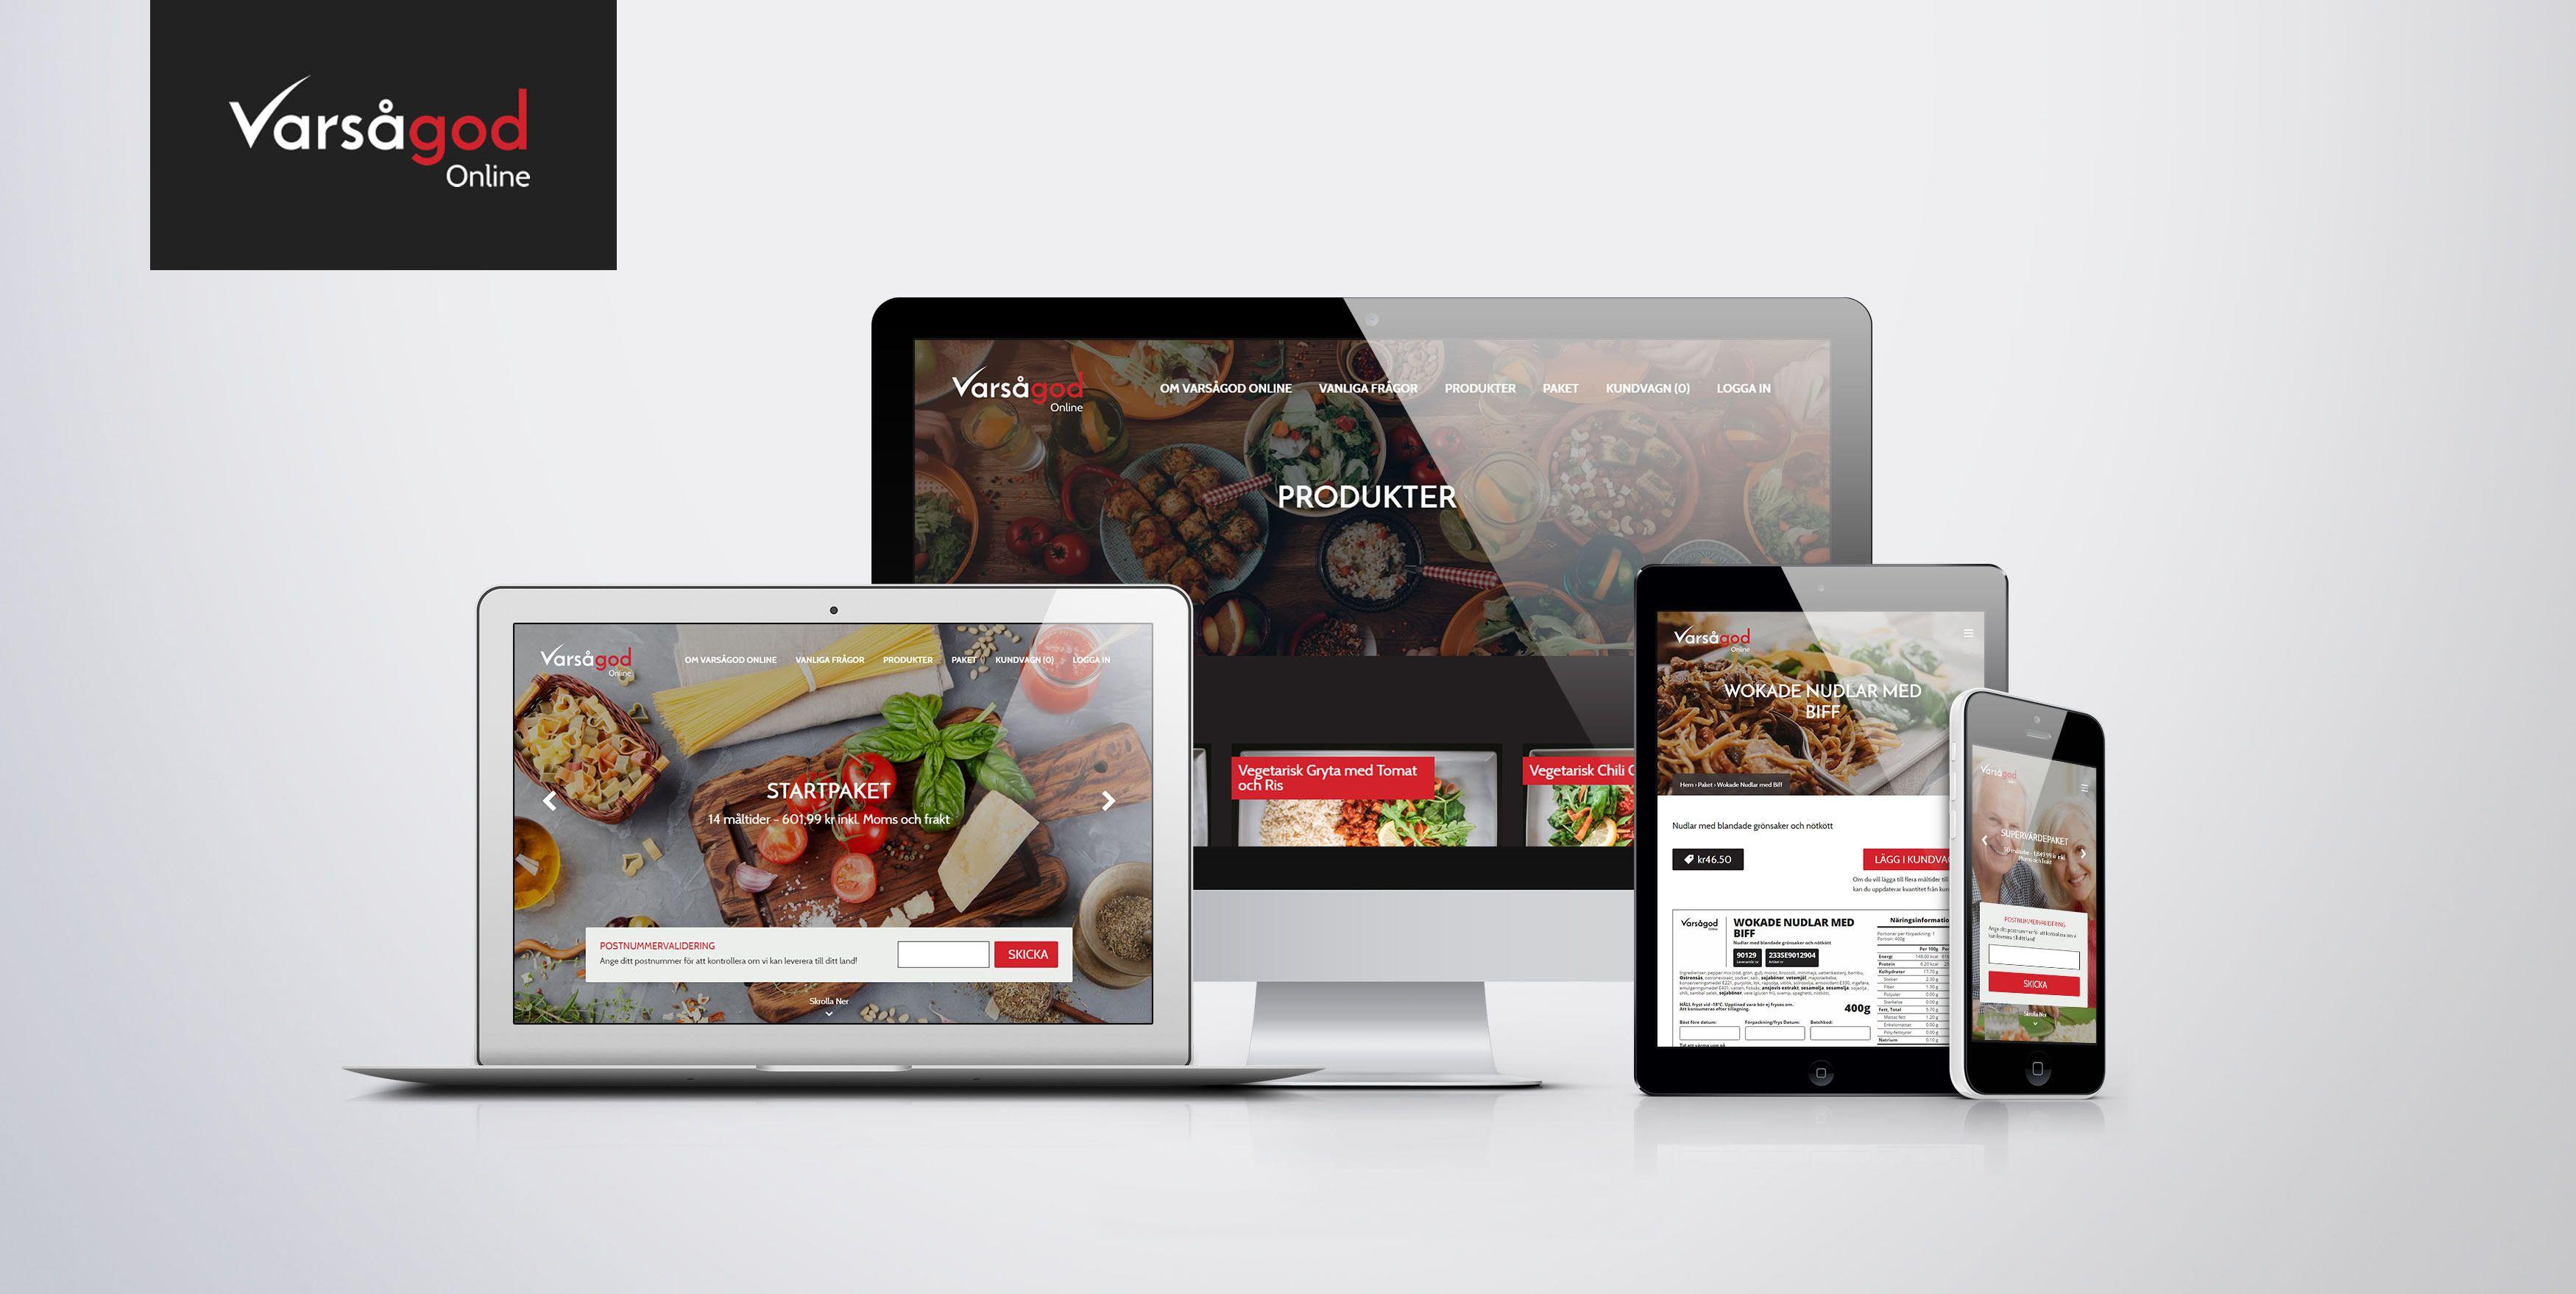 Varsagod-Online.se - Best eCommerce Site (B2C)